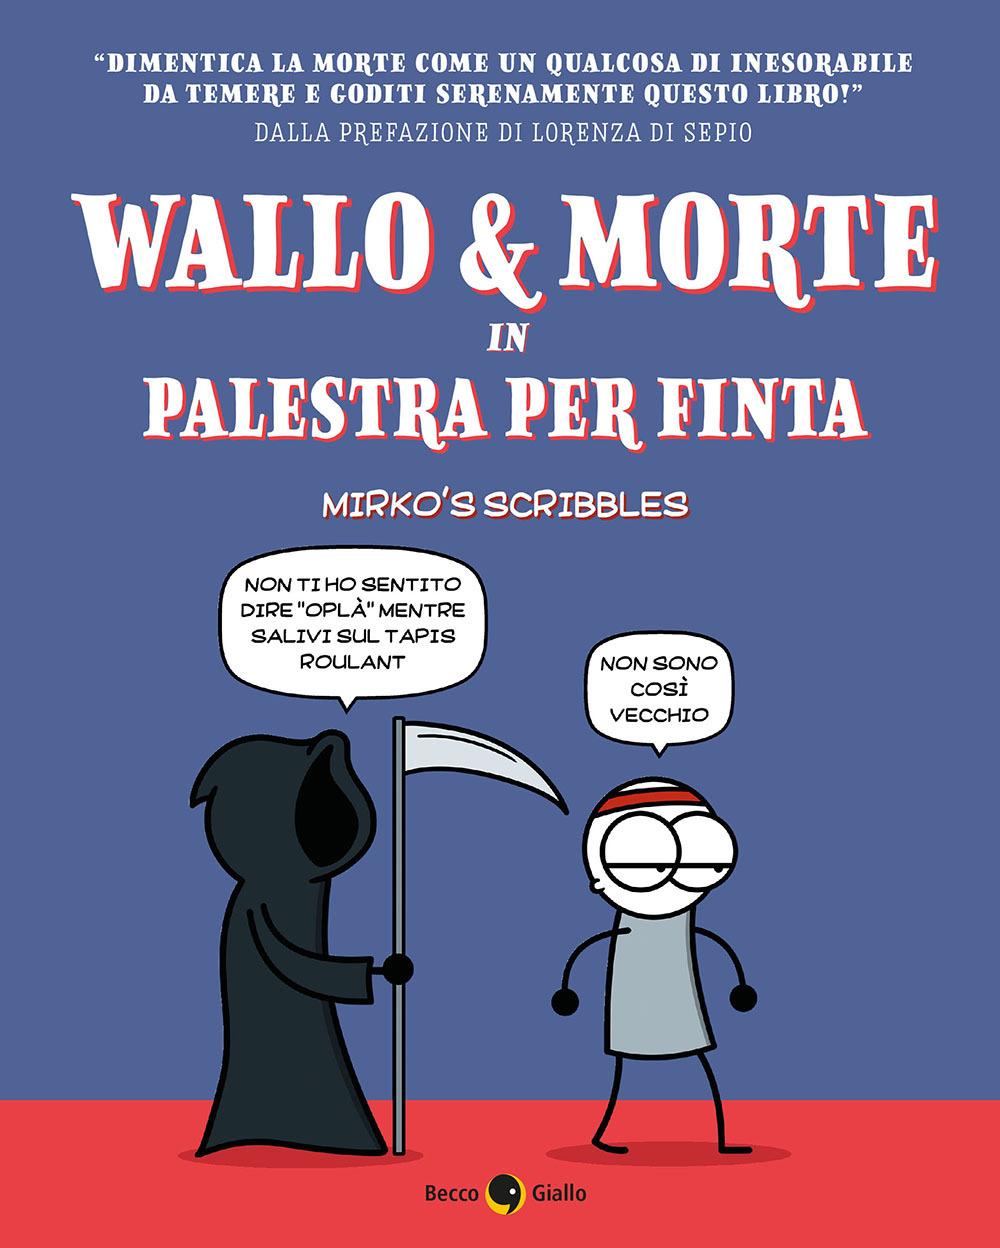 WALLO & MORTE IN PALESTRA PER FINTA - Martorello Mirko - 9788833140971